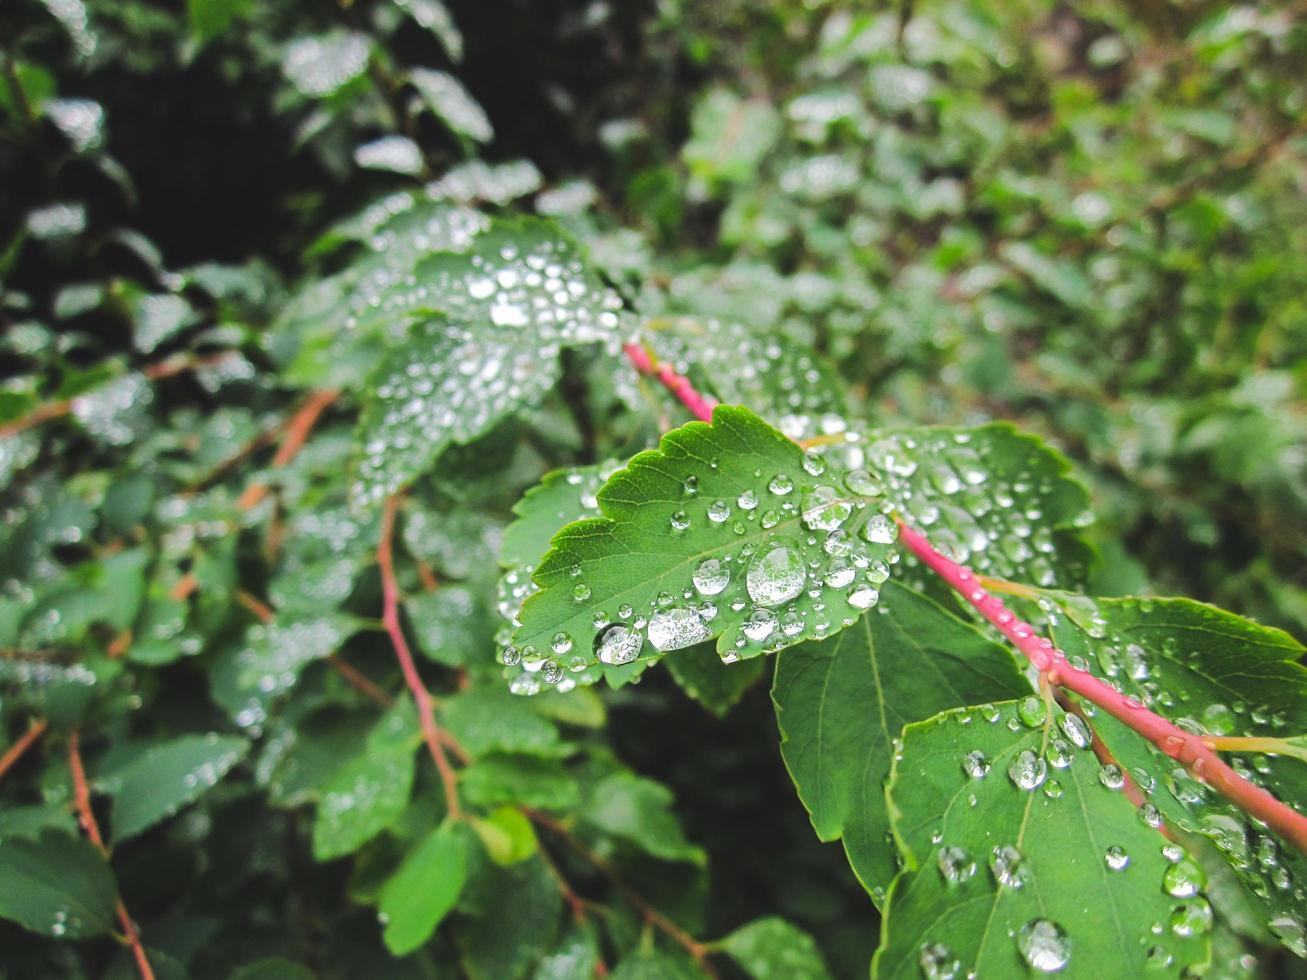 gotas de orvalho nas folhas verdes foto